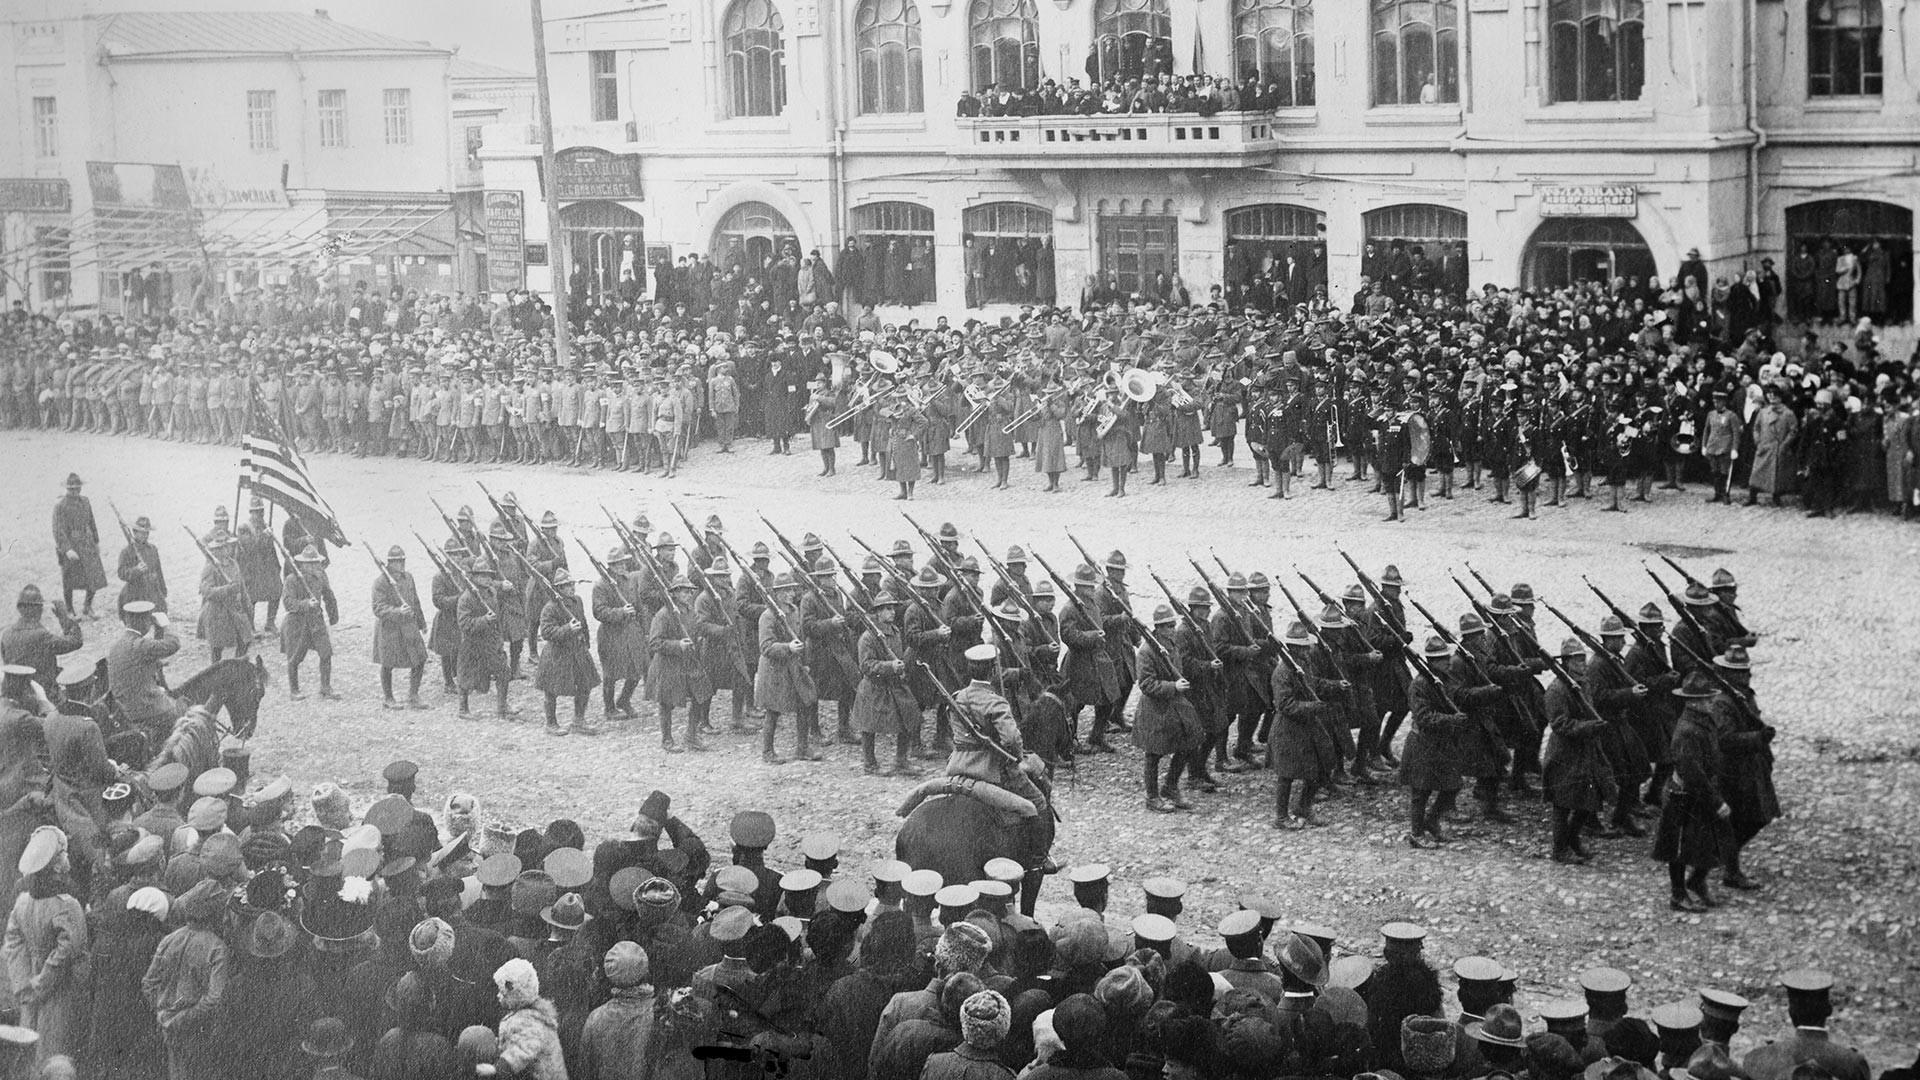 The U.S. troops in Khabarovsk.